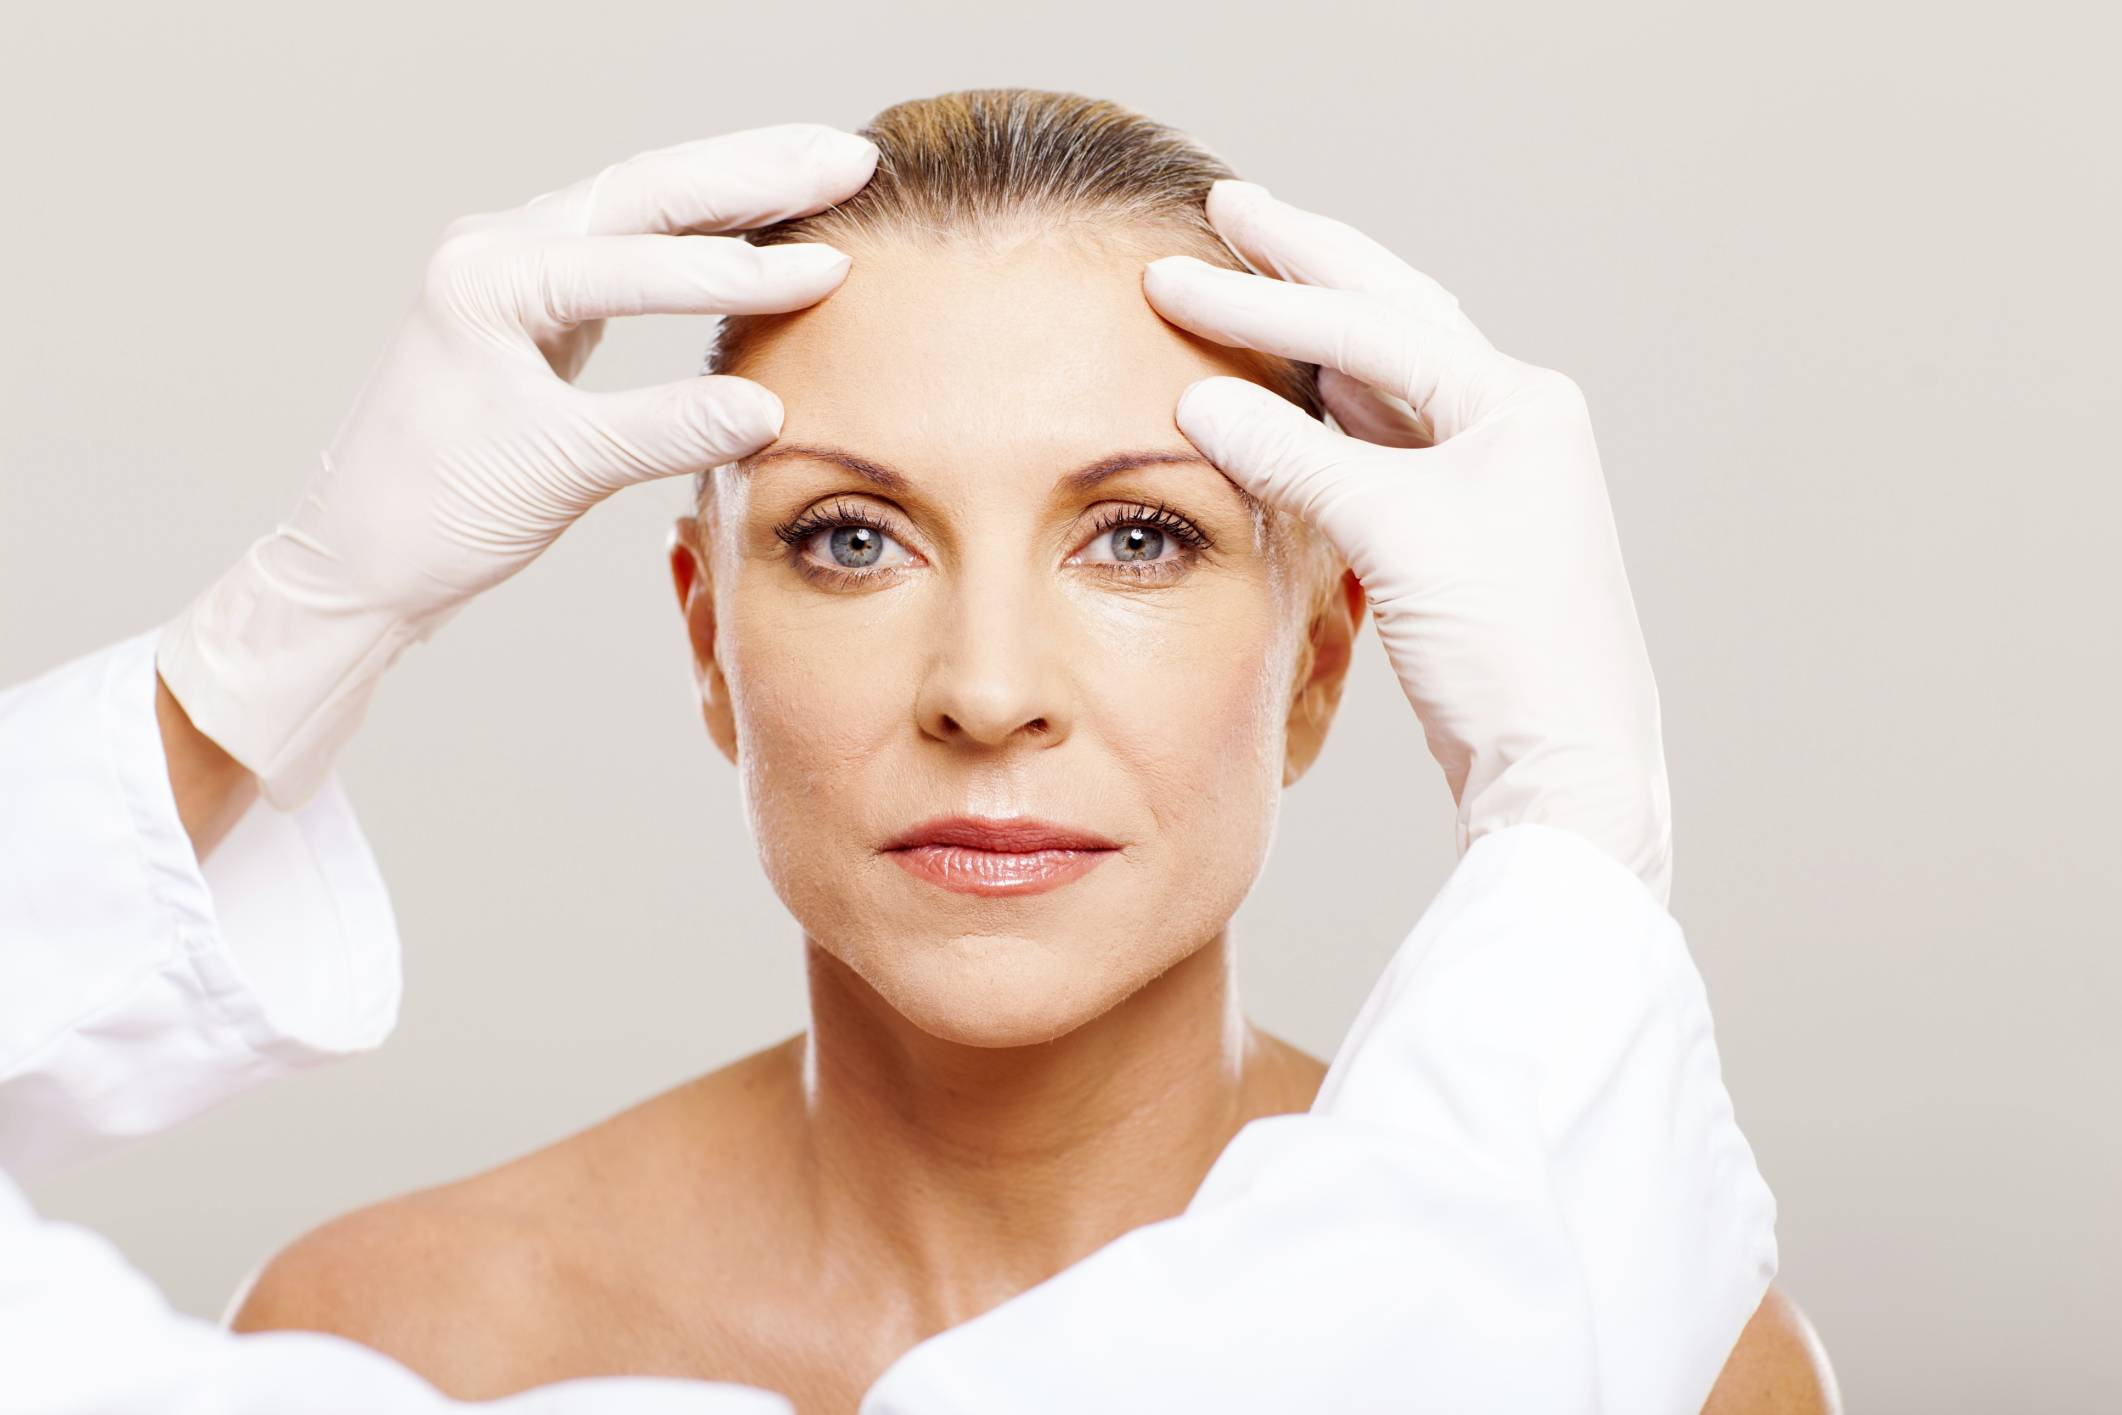 Популярные и эффективные косметические процедуры для лица